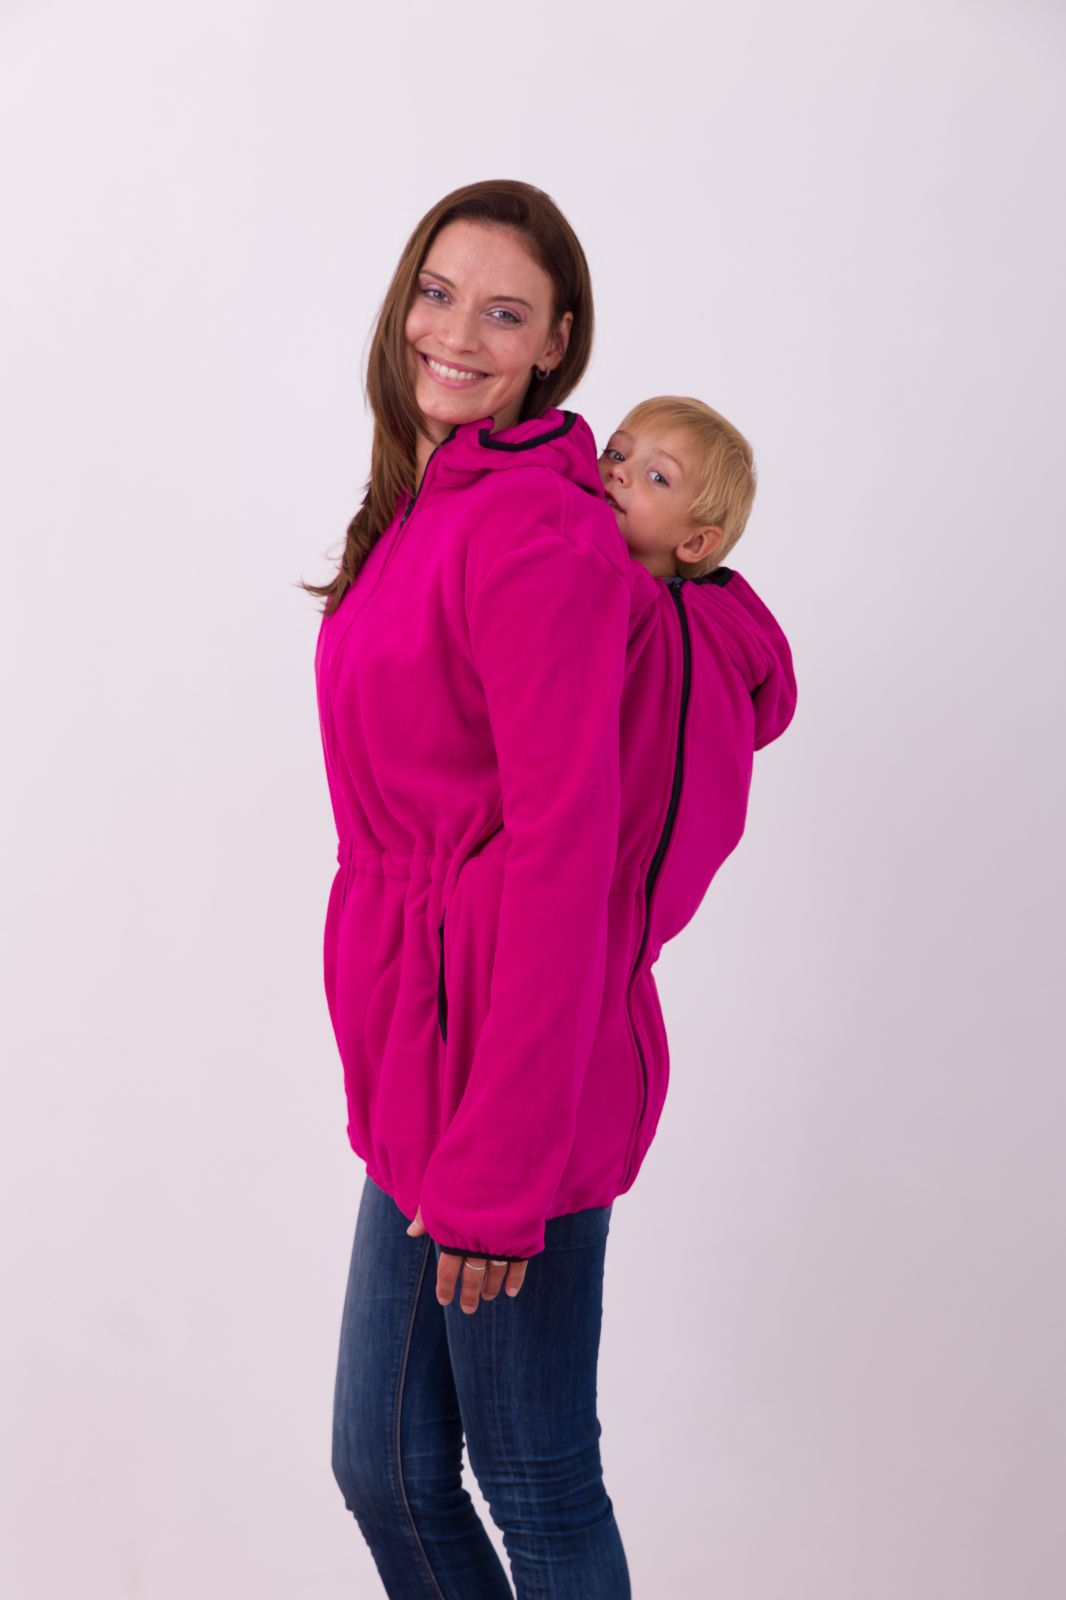 NELA- Tragesweatshirt für vorderes/hinteres Tragen, sattrosa